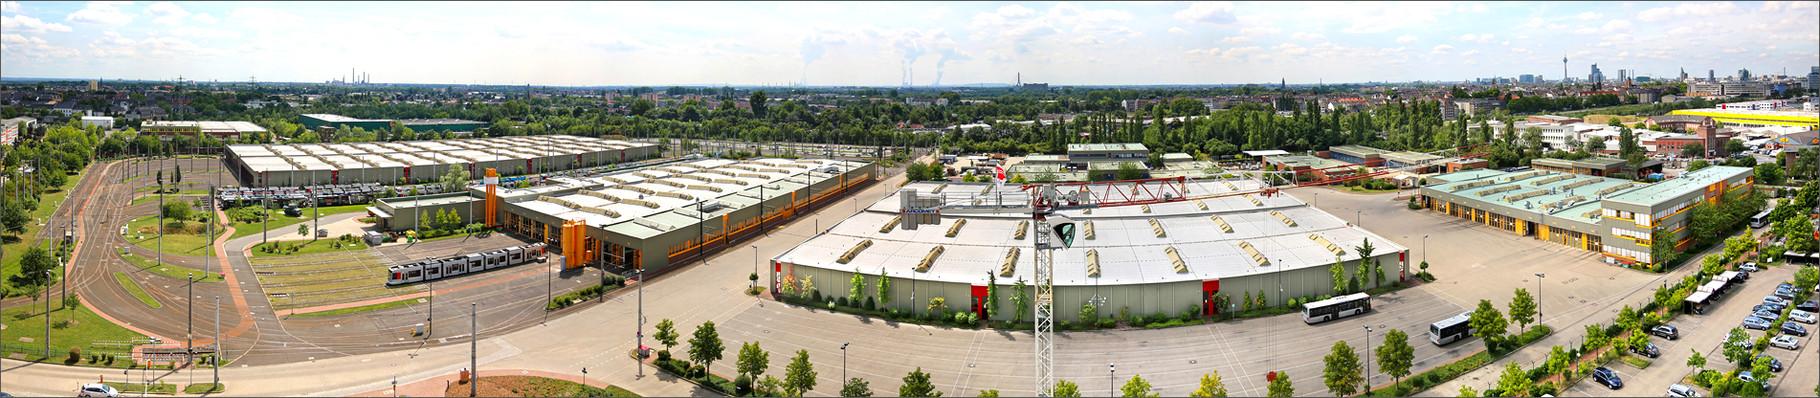 Betriebshof lierenfeld.